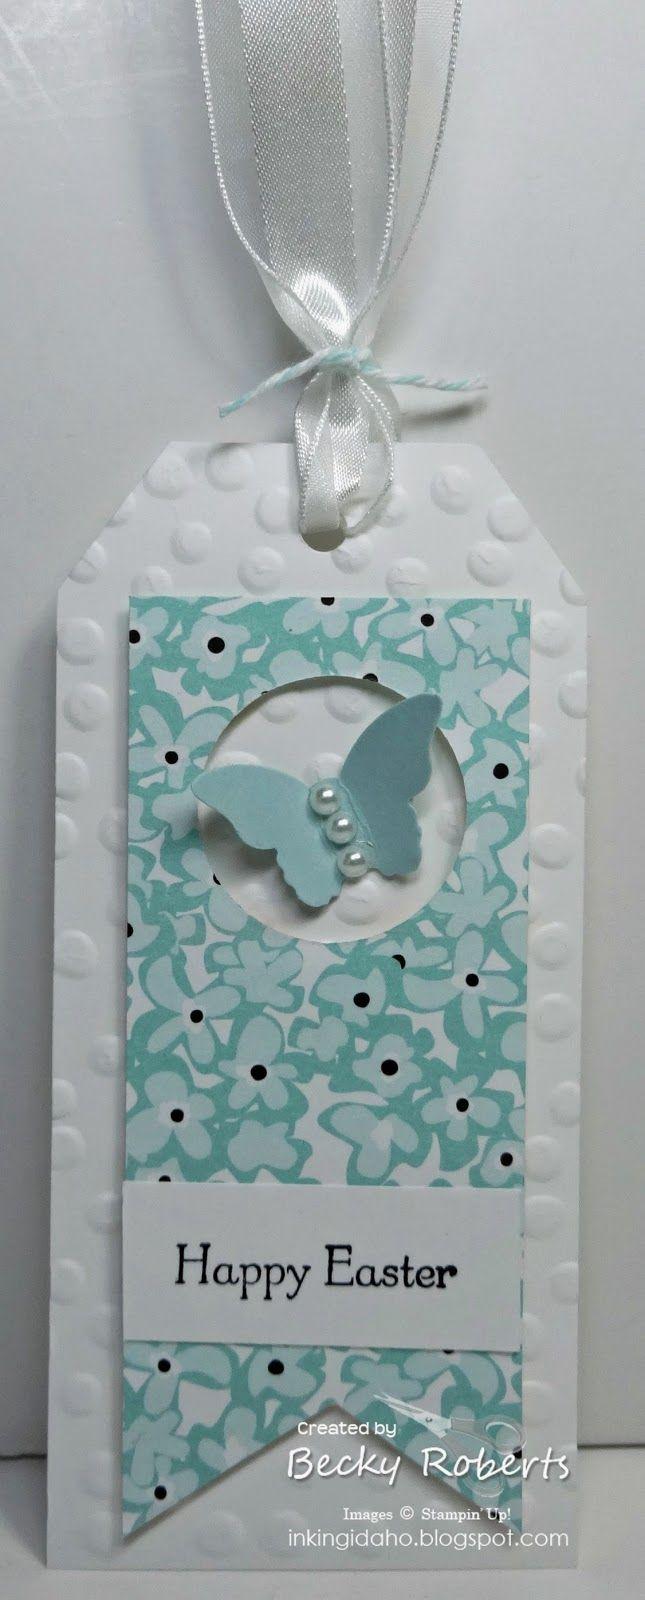 Butterfly Bookmark http://1.bp.blogspot.com/-8Nn-KzquFCg/UythF-riYmI/AAAAAAAARLk/K9-IXERtPkI/s1600/DSC01657.JPG